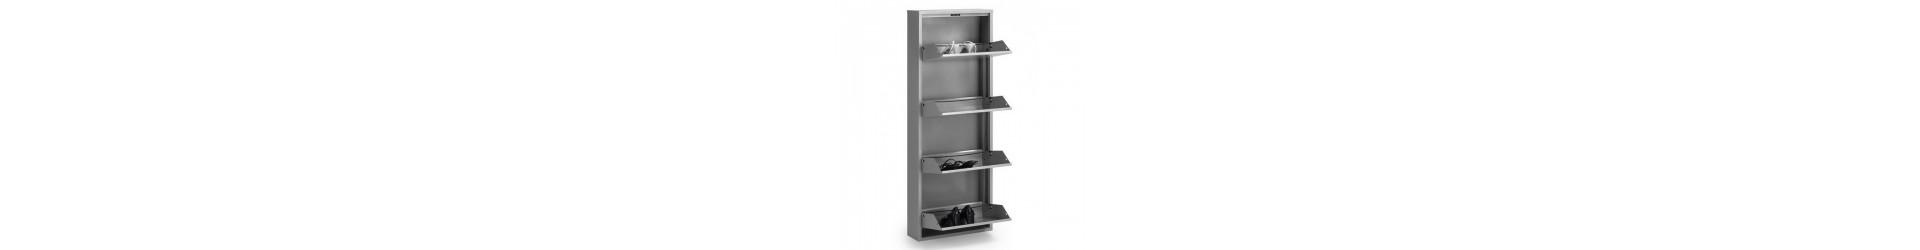 Shelves, shoe racks